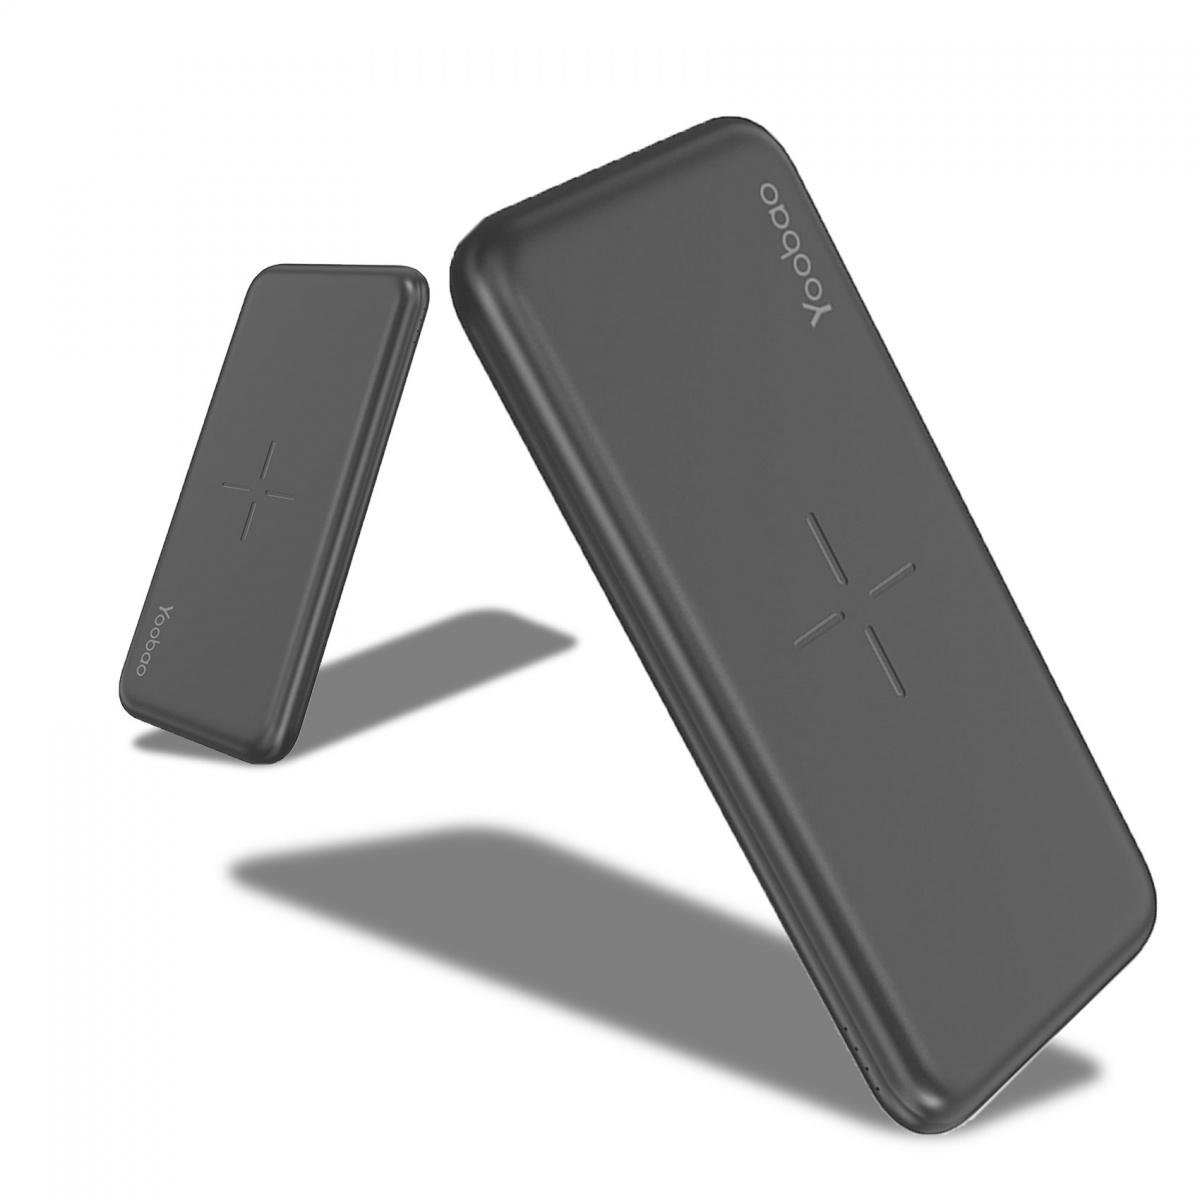 Yoobao W10 Wireless Power Bank - Black